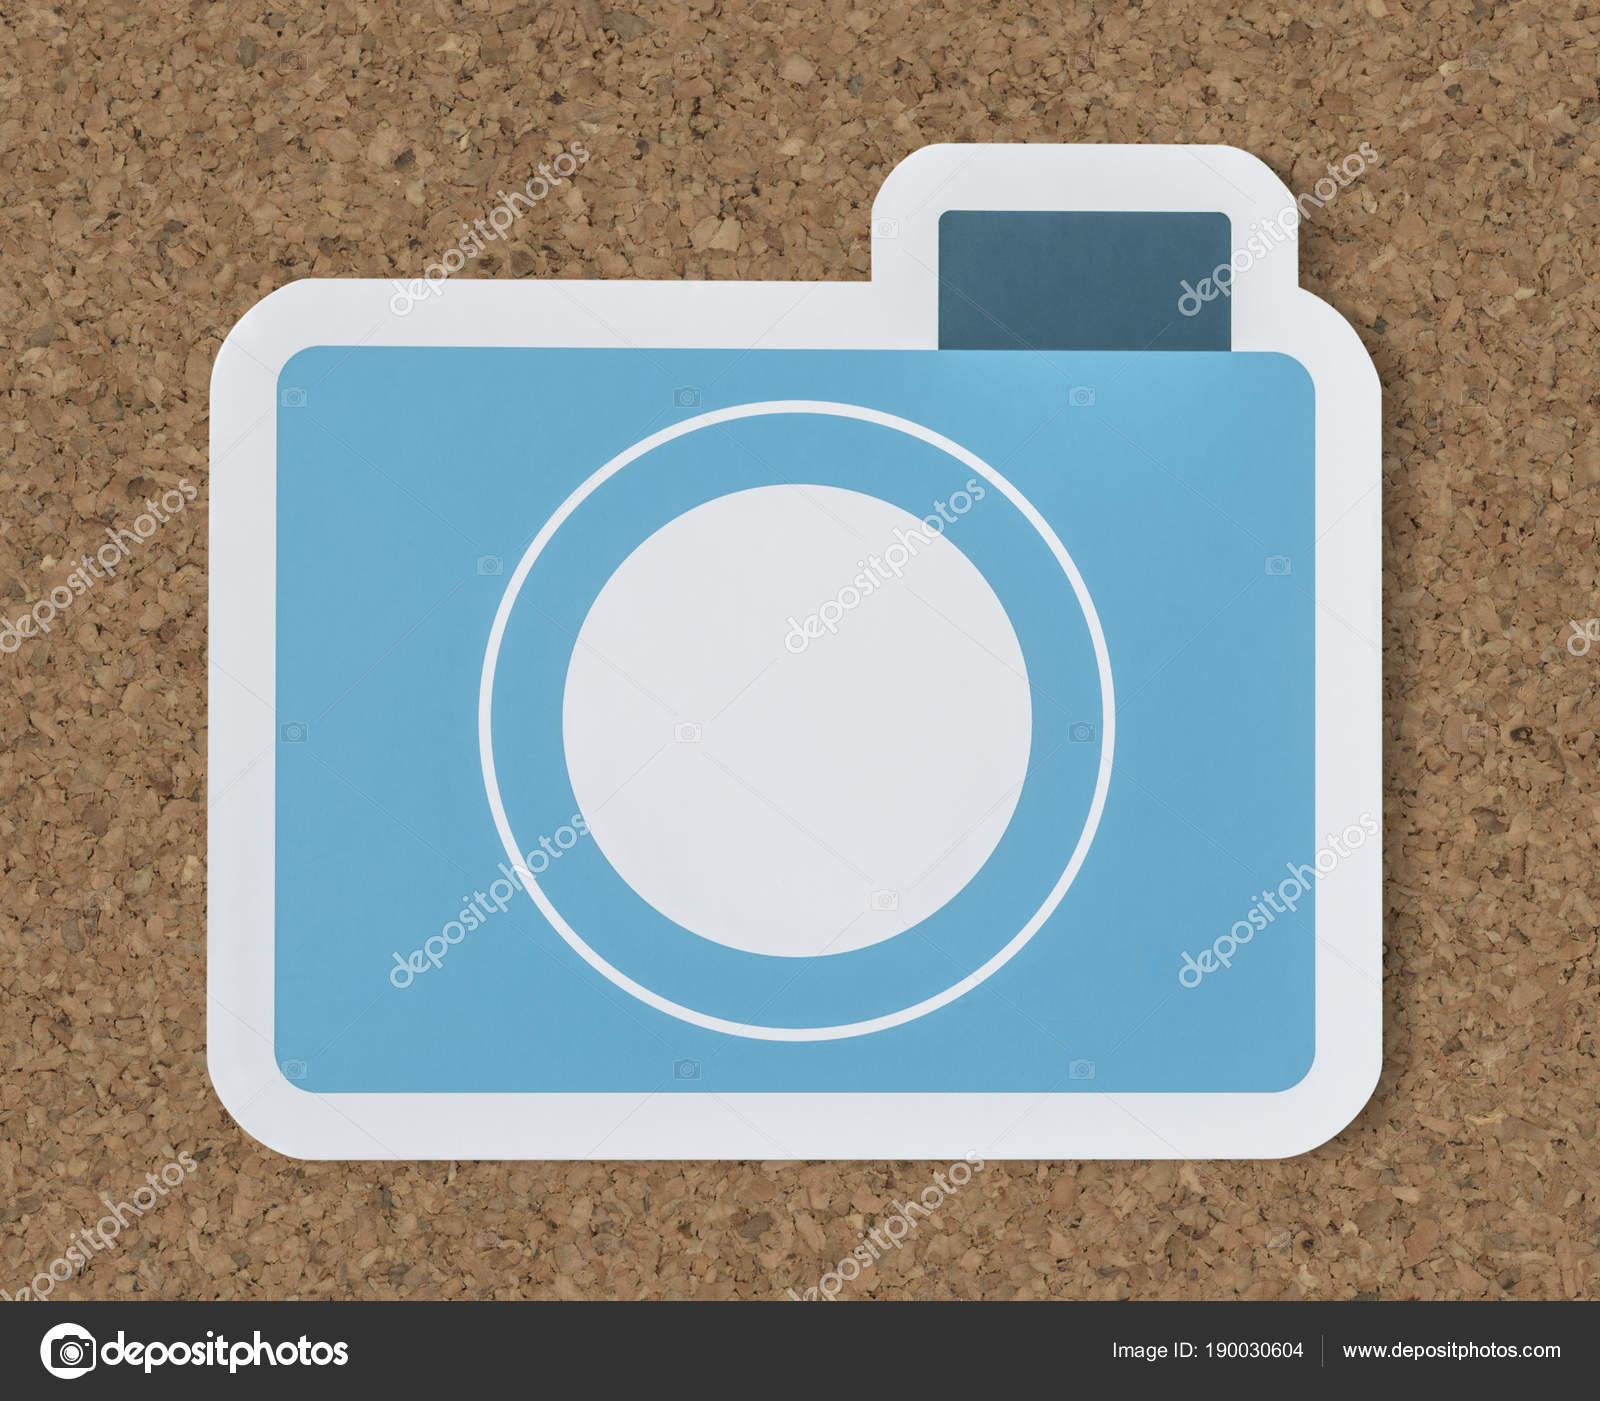 青紙カメラのアイコン ストック写真 rawpixel 190030604